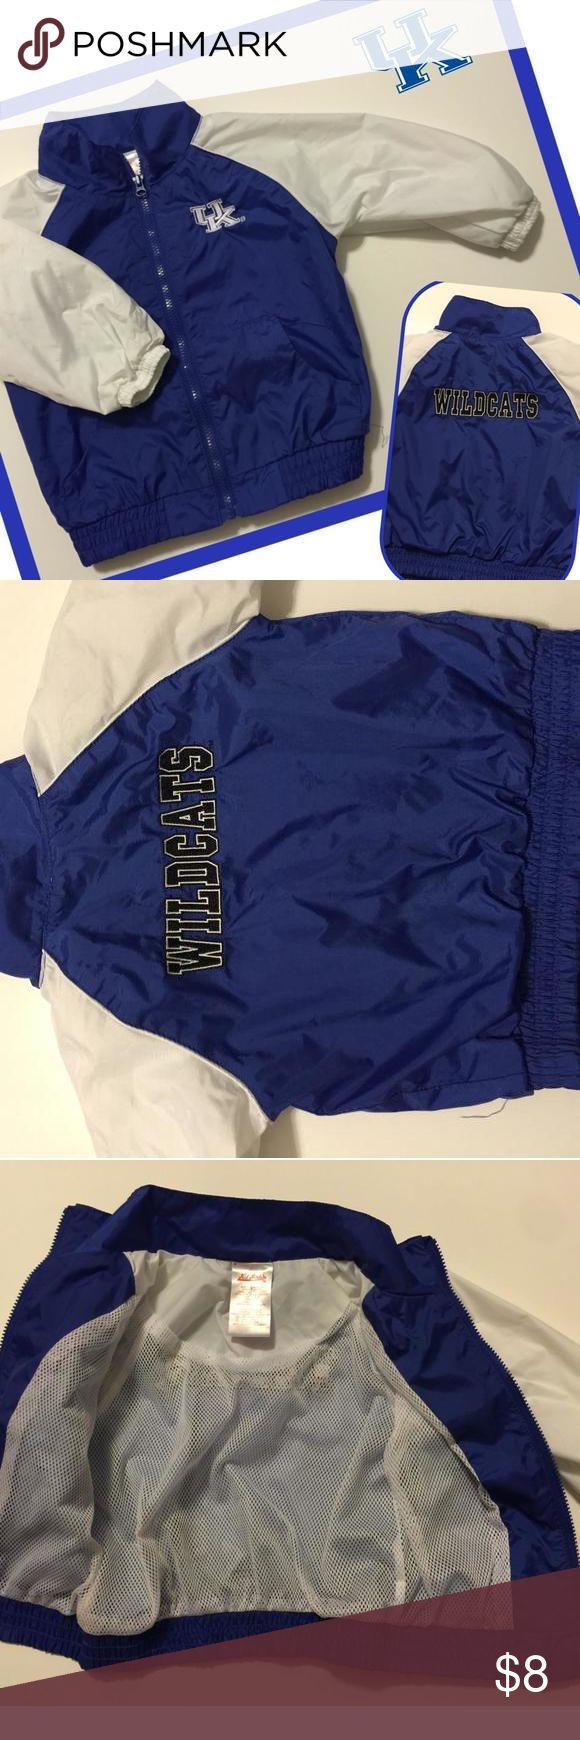 Univ. Of Kentucky windbreaker rain jacket blue & white sz 12 mon.  Wildcats Univ. Of Kentucky windbreaker rain jacket blue & white sz 12 mon.  Wildcats Jackets & Coats